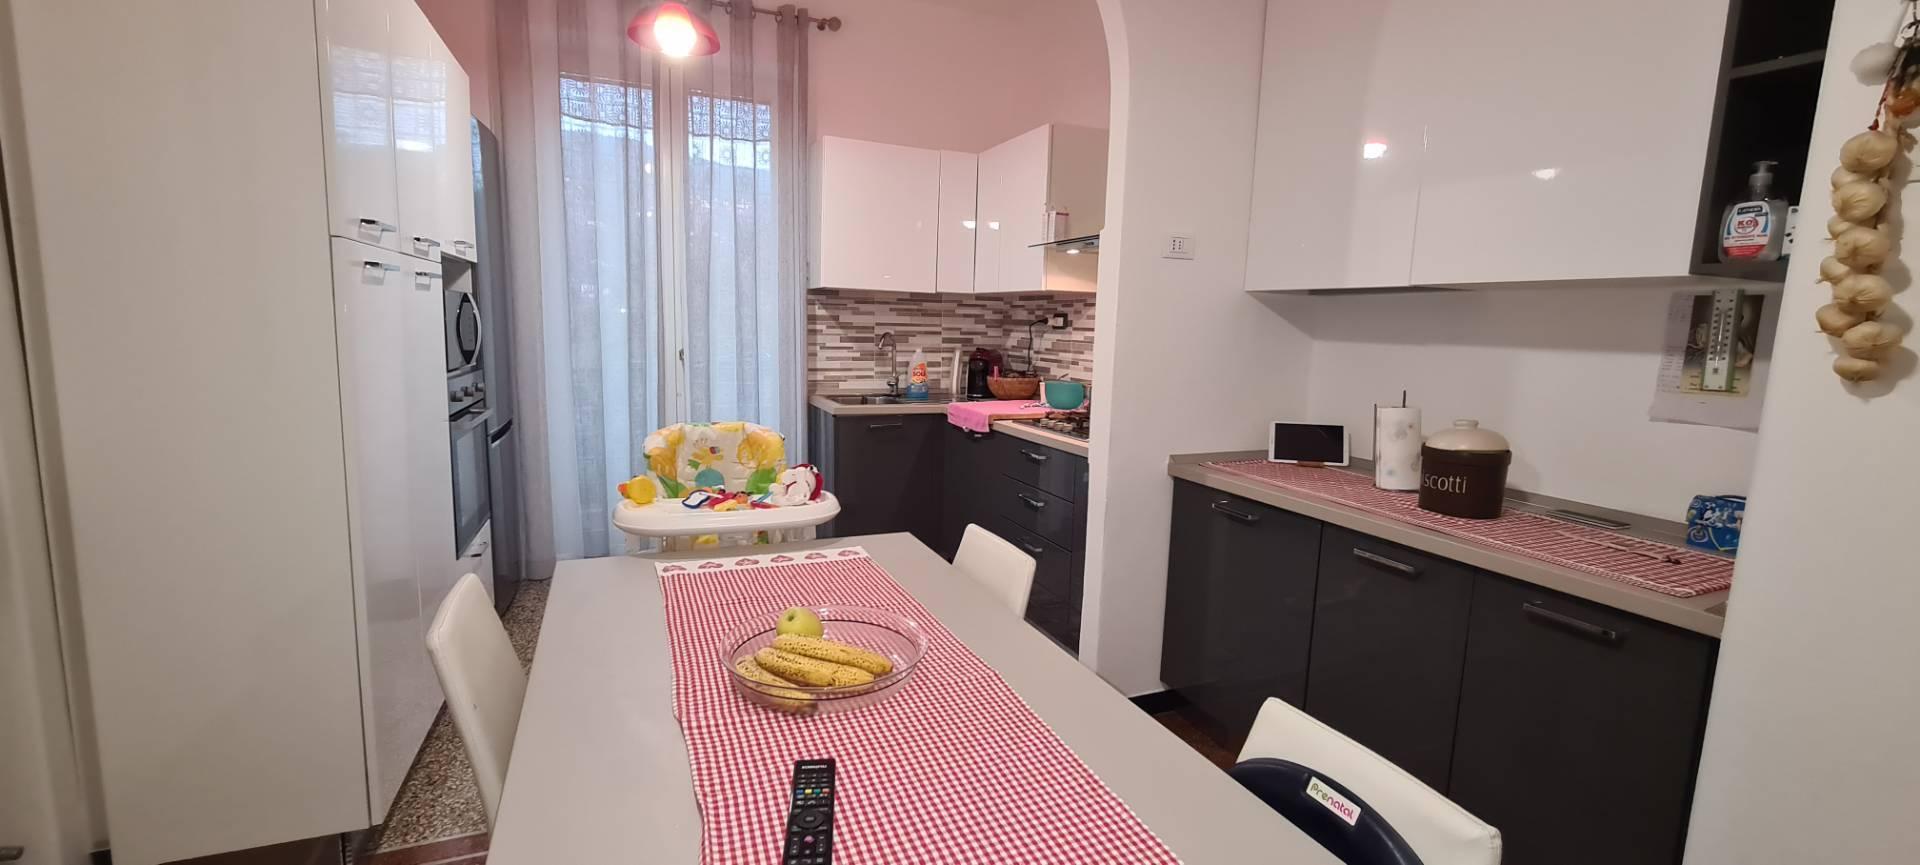 Appartamento in affitto a Chiavari, 5 locali, prezzo € 550   CambioCasa.it